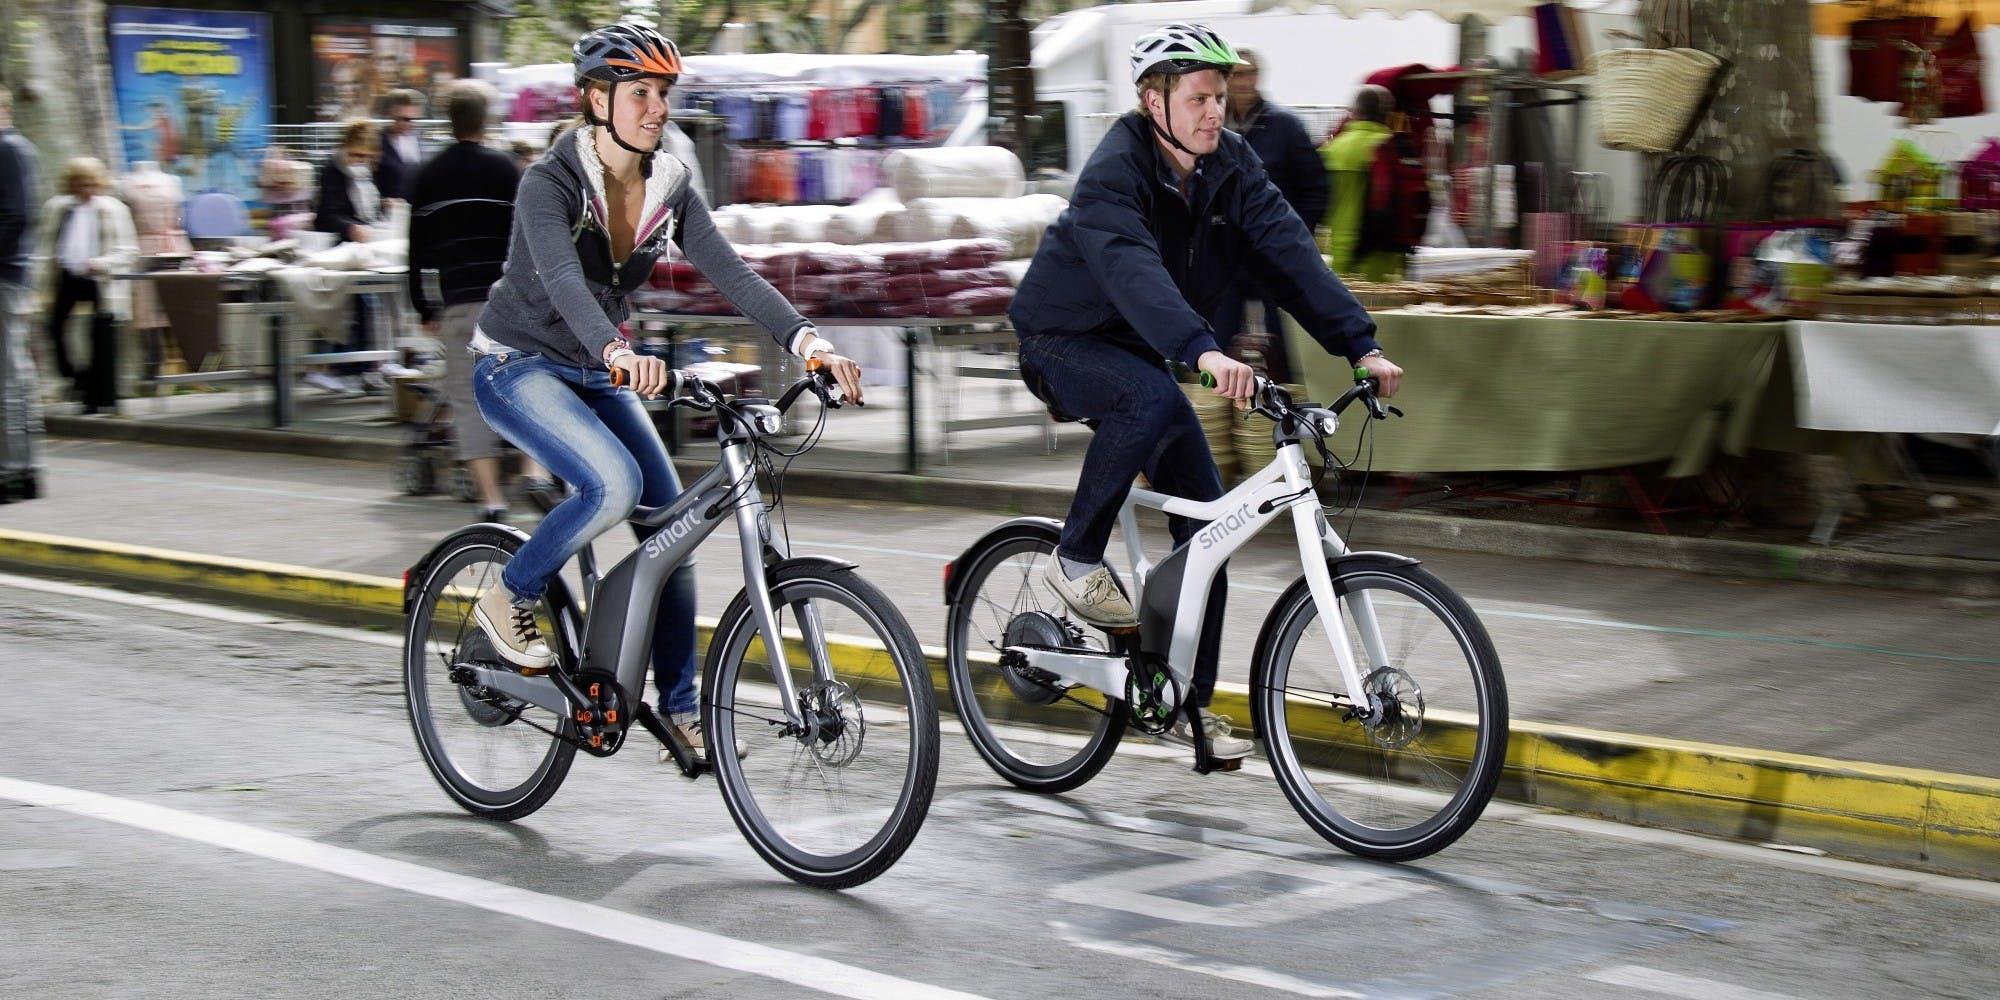 due bici elettriche smart in azione in contesto cittadino